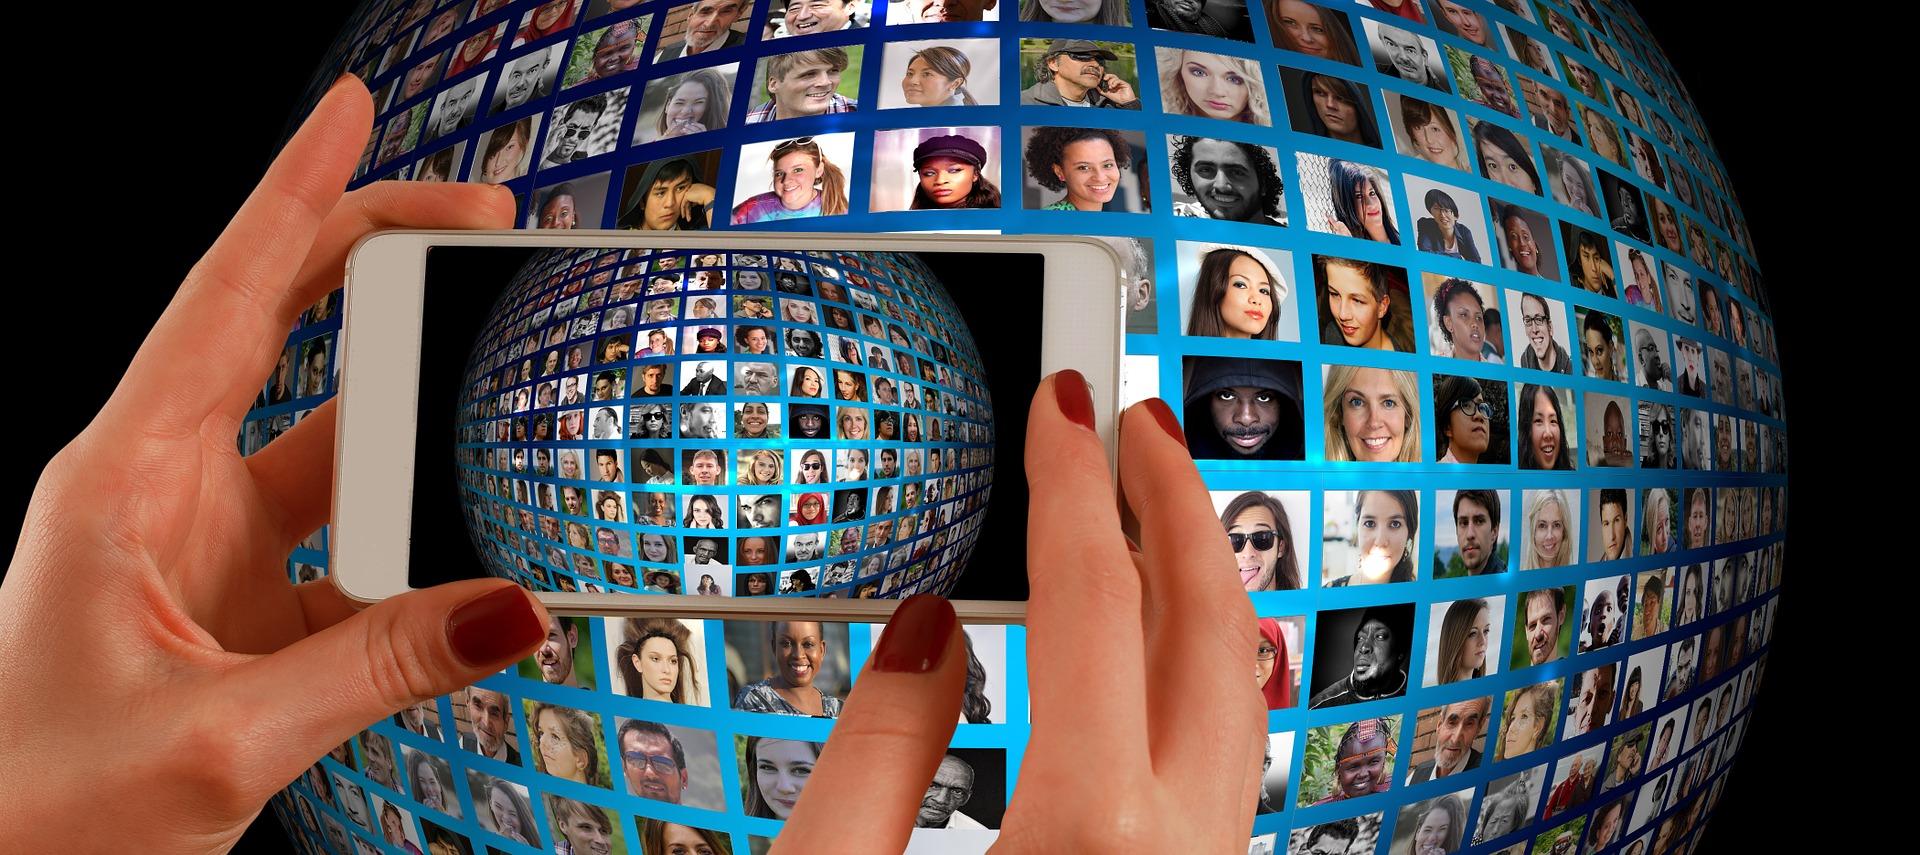 Webinar o web meeting? Ecco come scegliere